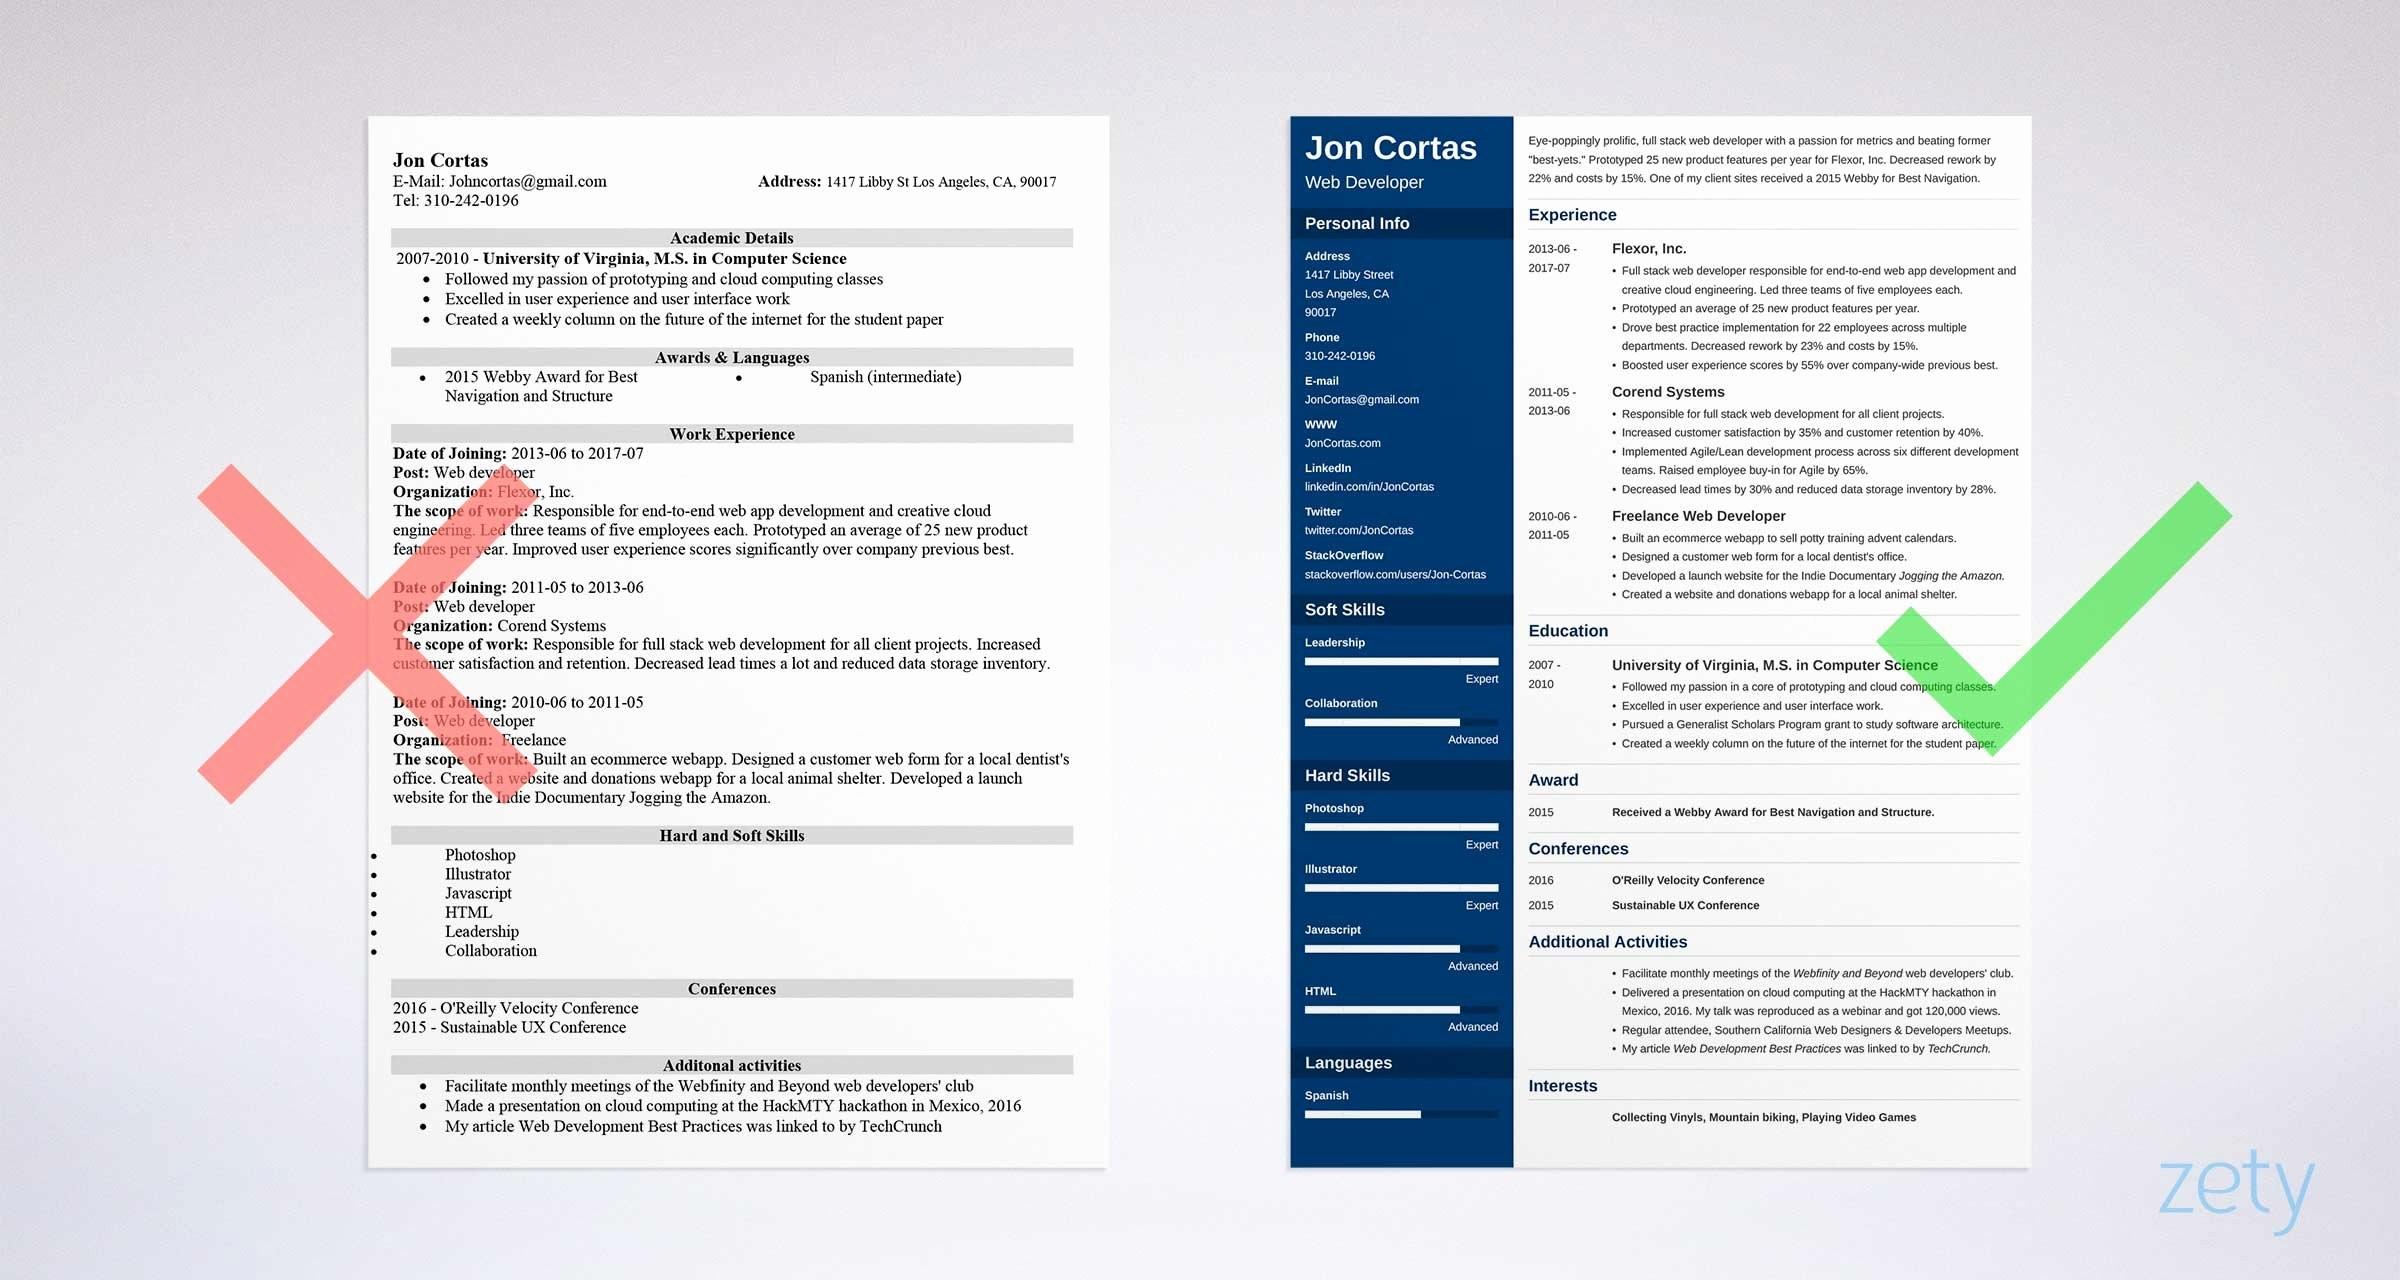 Best Resume Template Microsoft Word Elegant Free Resume Templates for Word 15 Cv Resume formats to